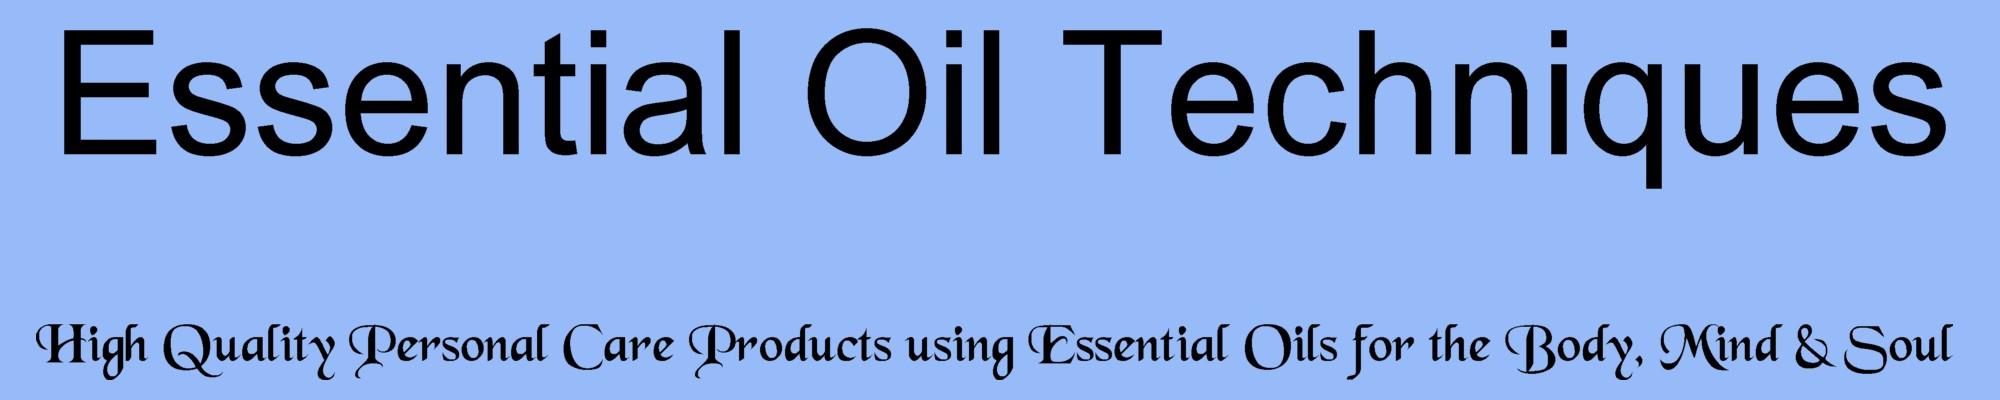 Essential Oil Techniques